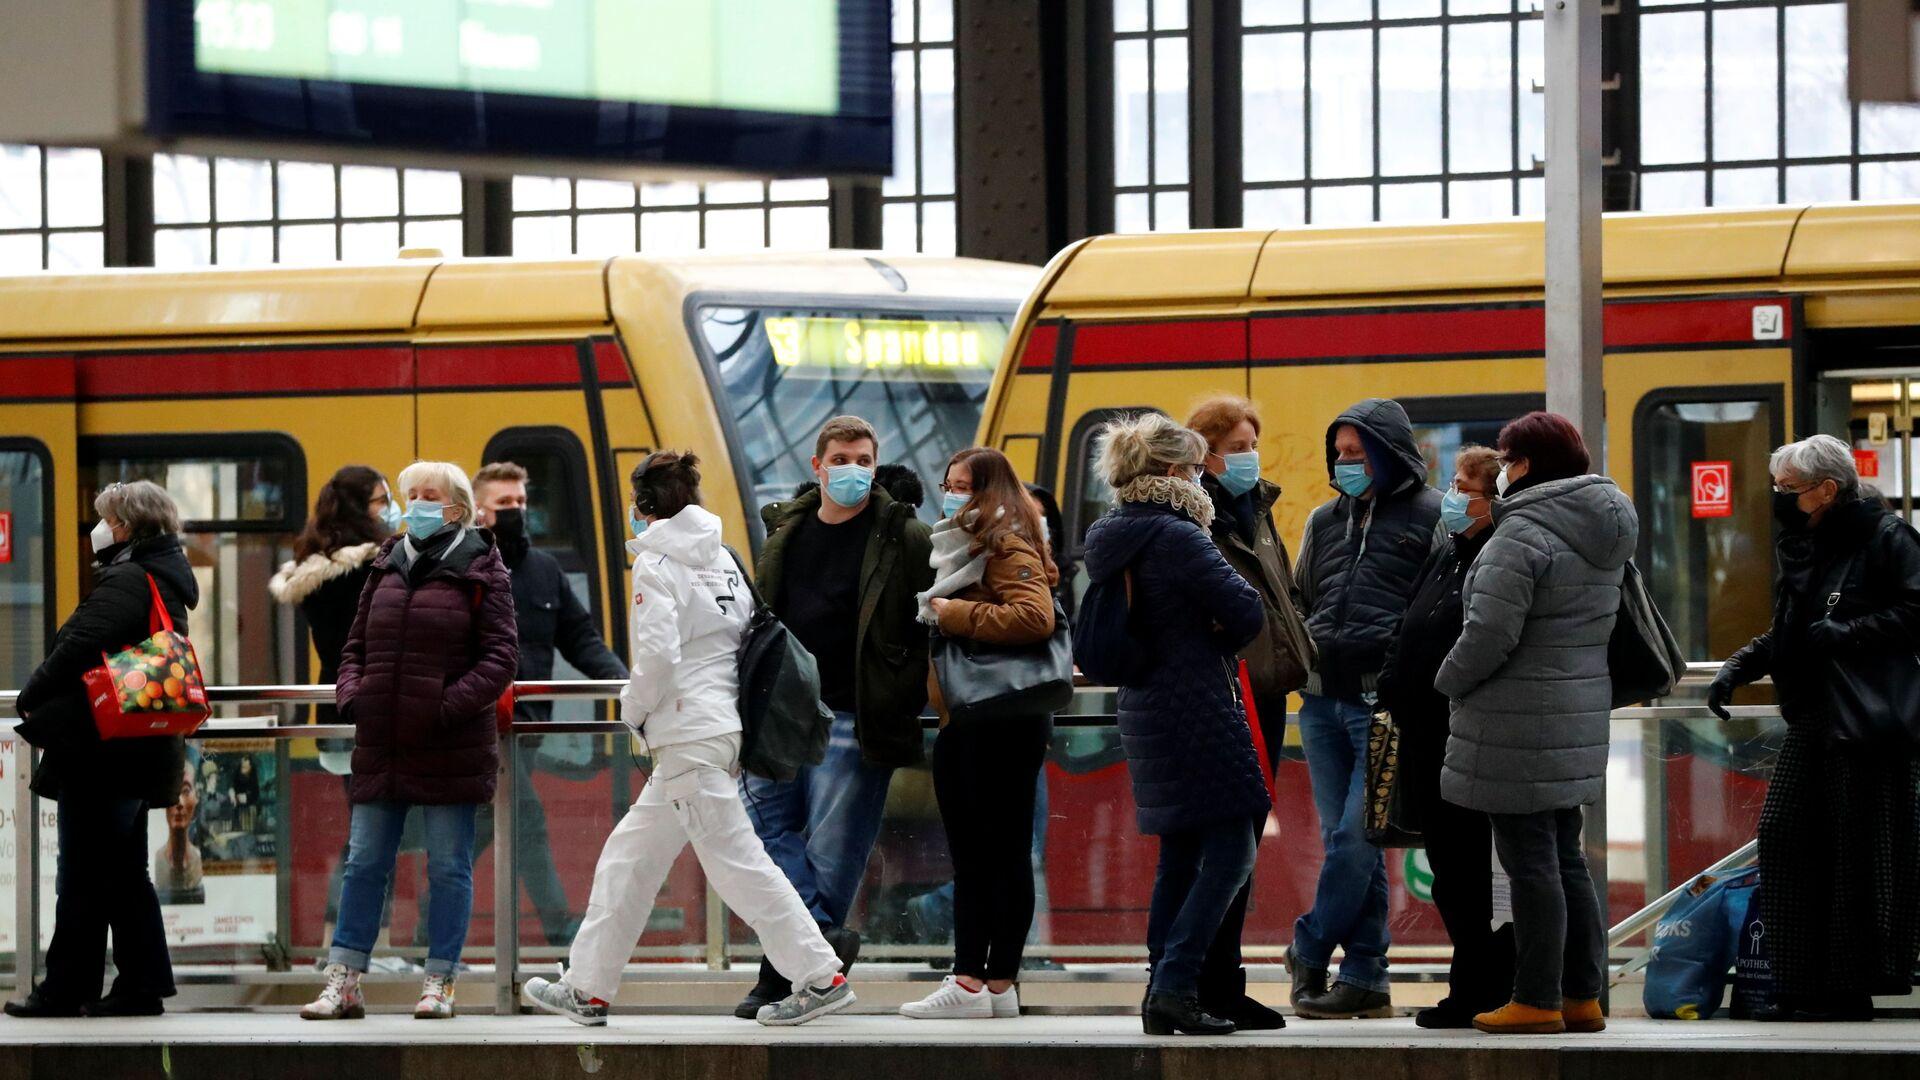 Lidé na nádraží v Berlíně, Německo - Sputnik Česká republika, 1920, 10.02.2021